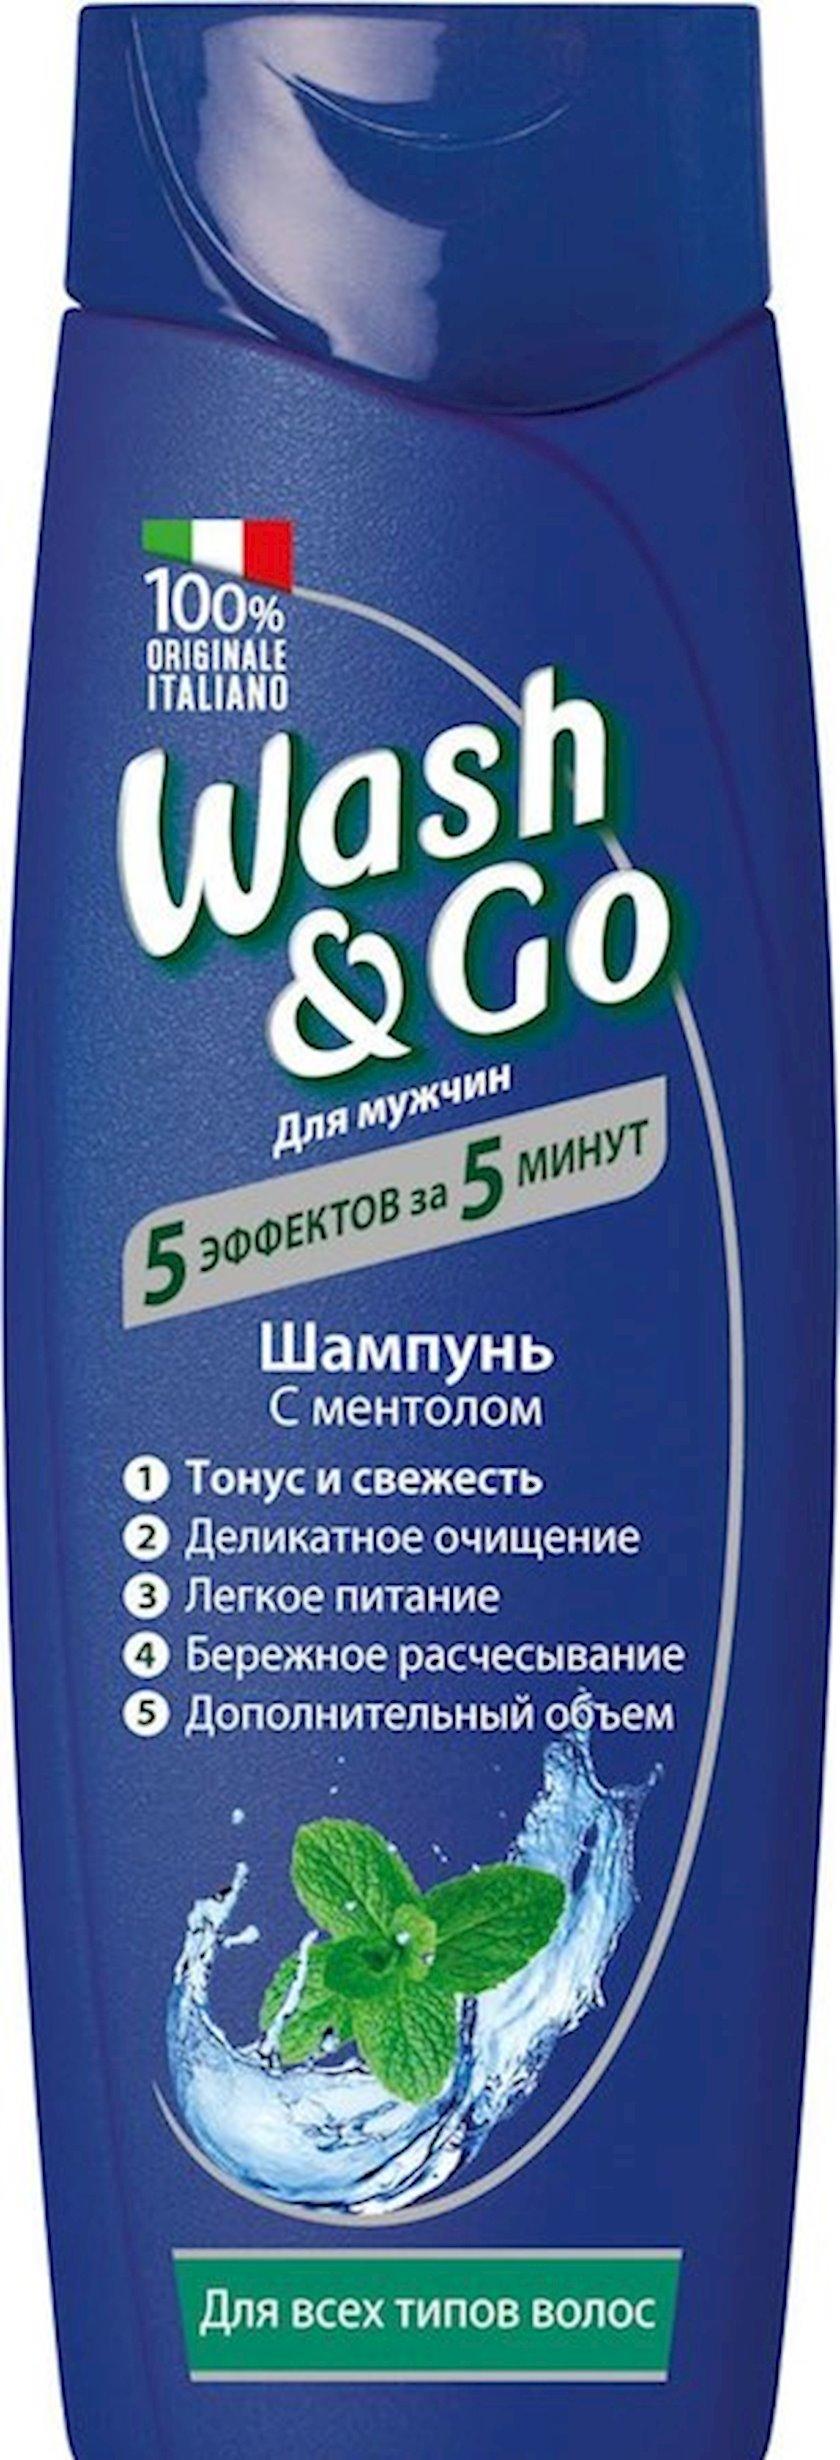 Şampun Wash&Go mentol ilə bütün saç növləri üçün 200 ml